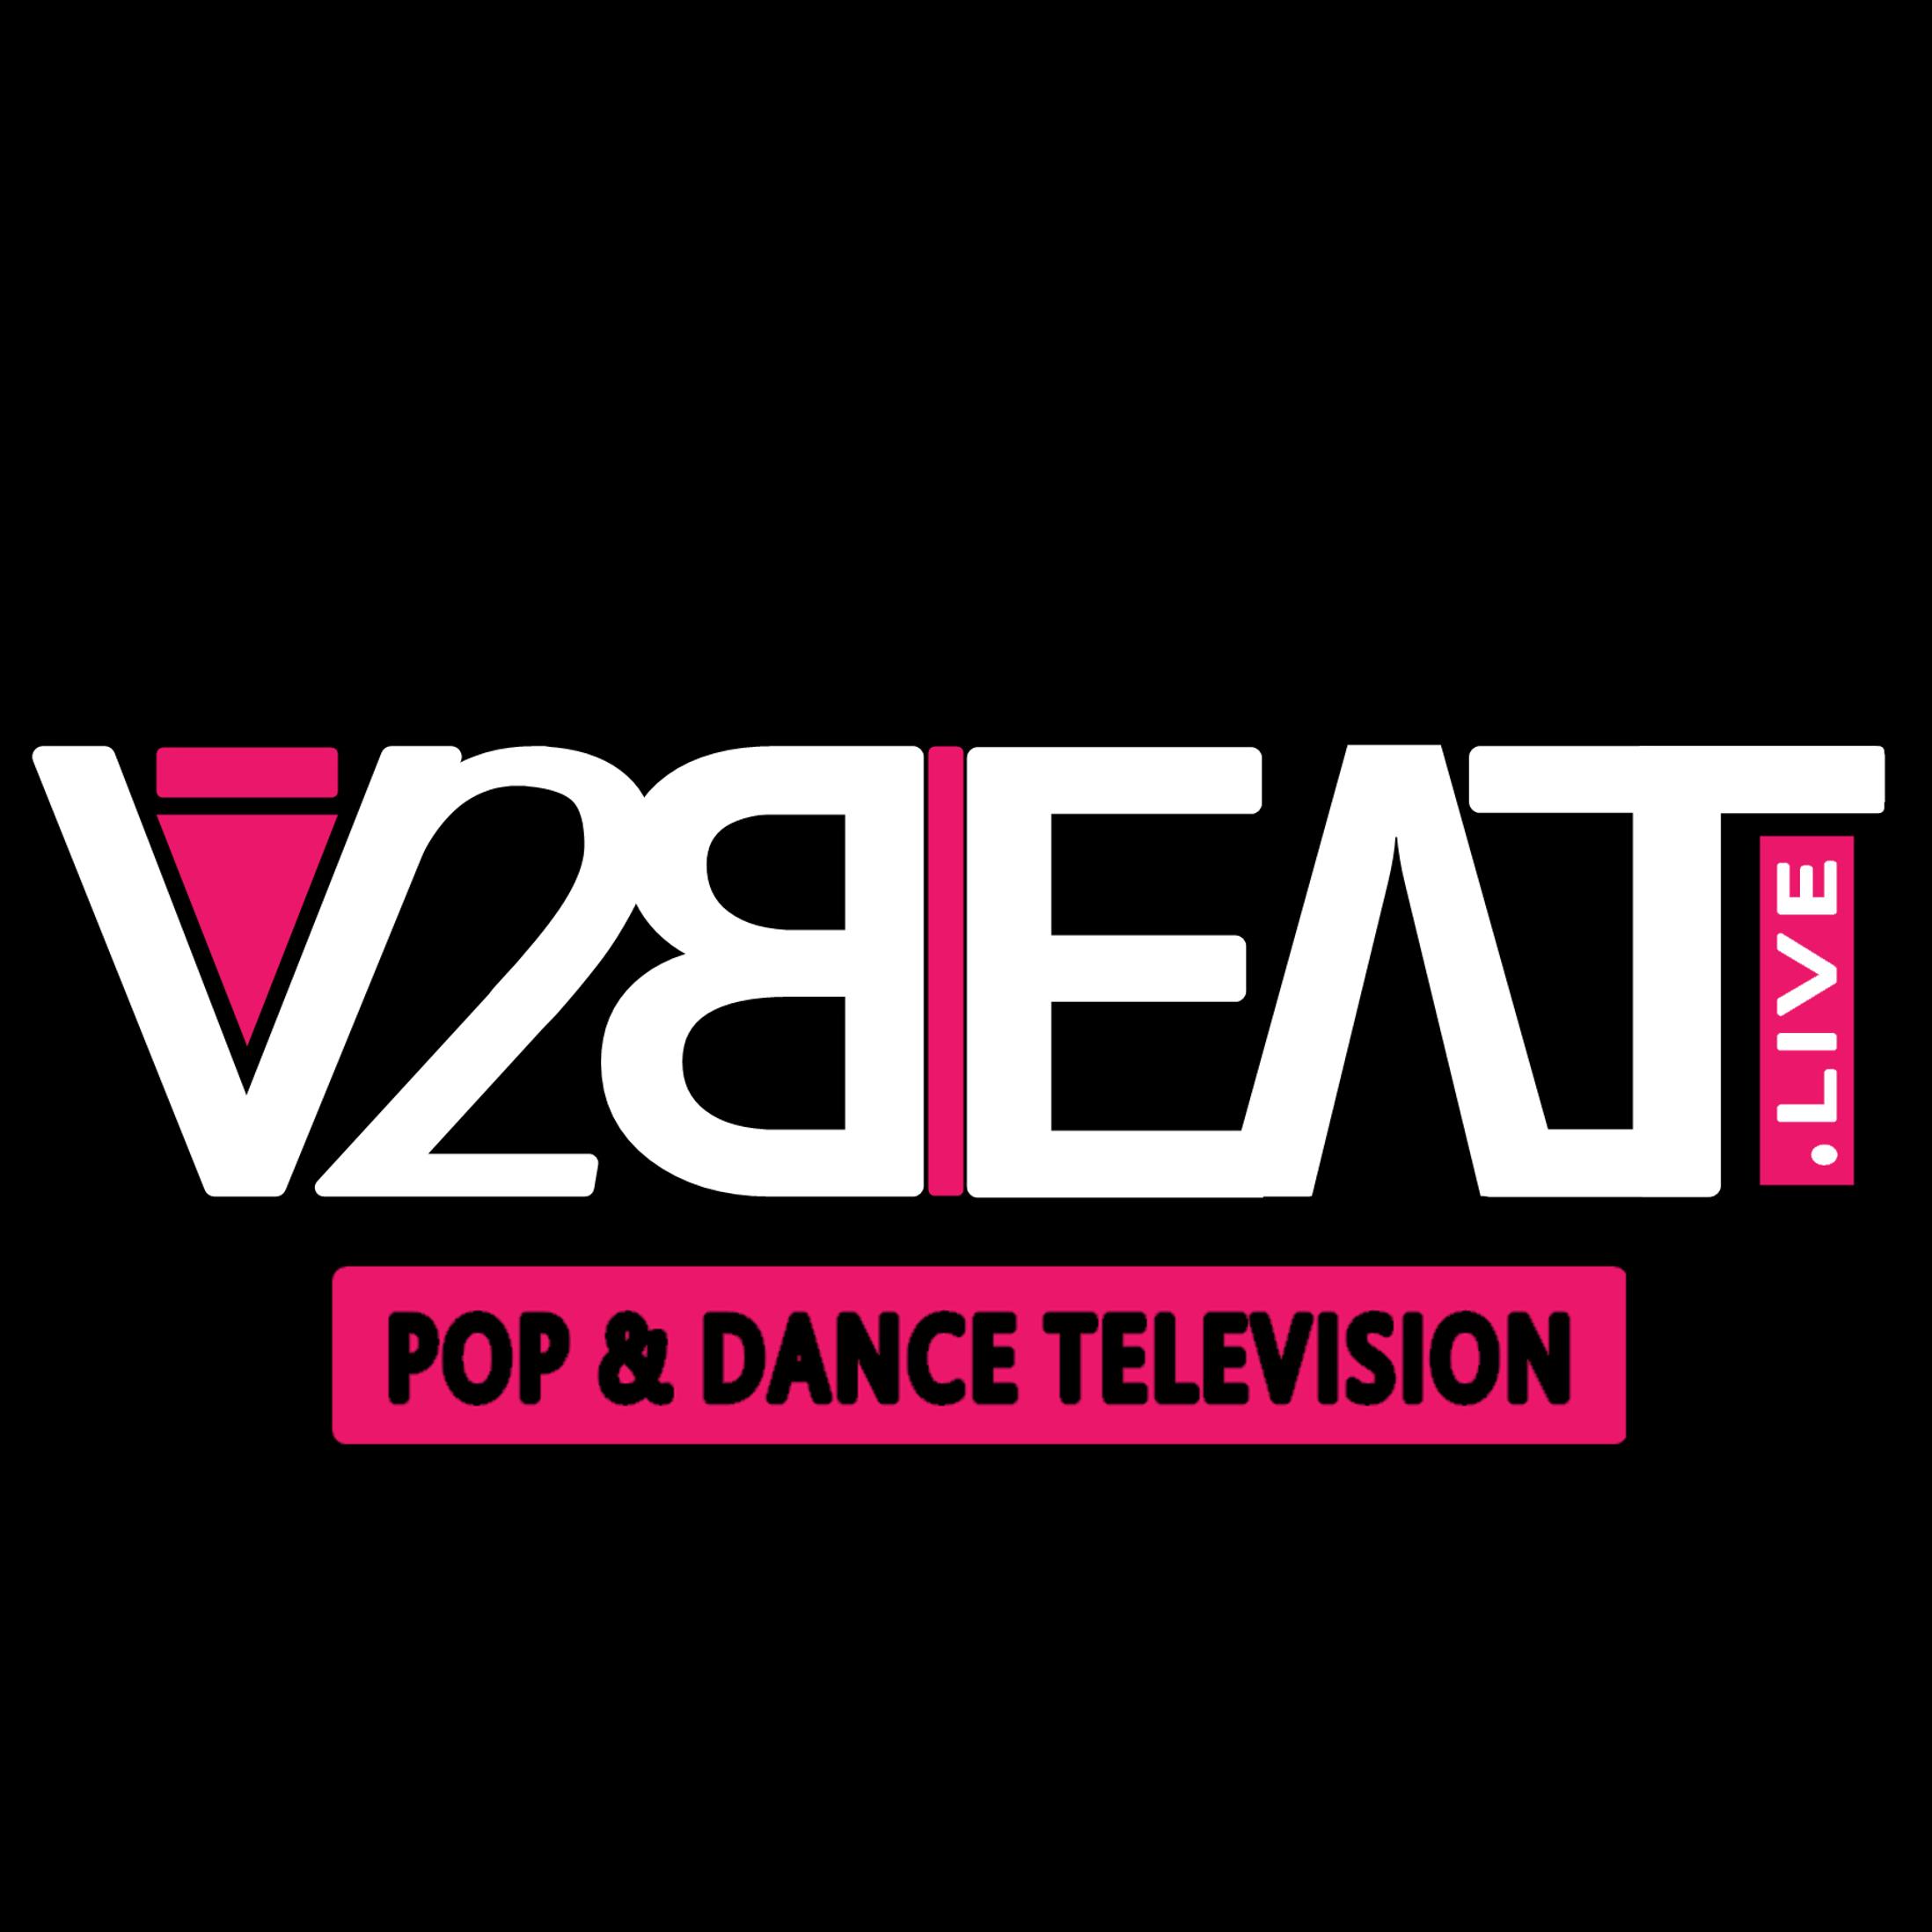 v2beat-rounded-logo